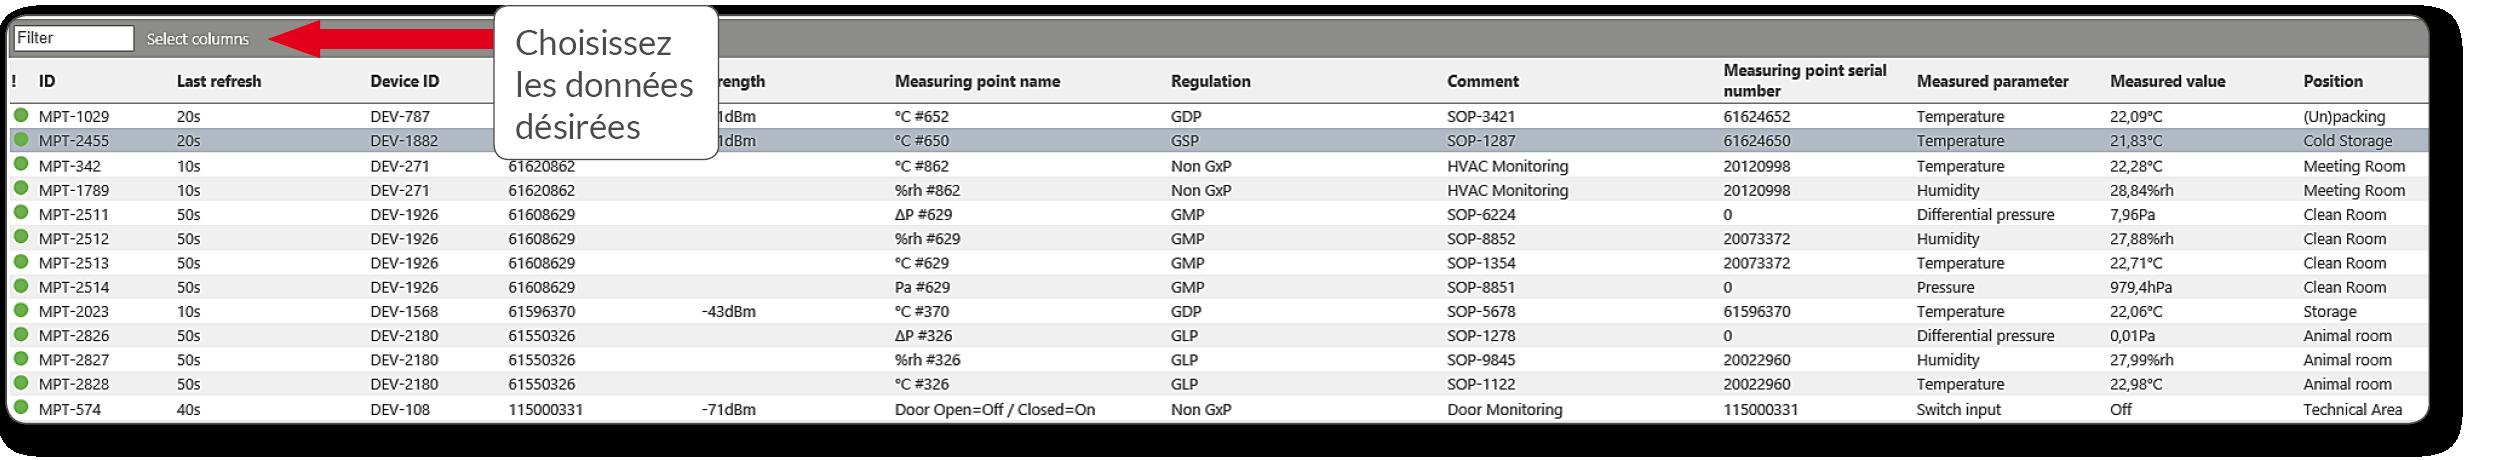 Monitoring System - Représentation par tableau: